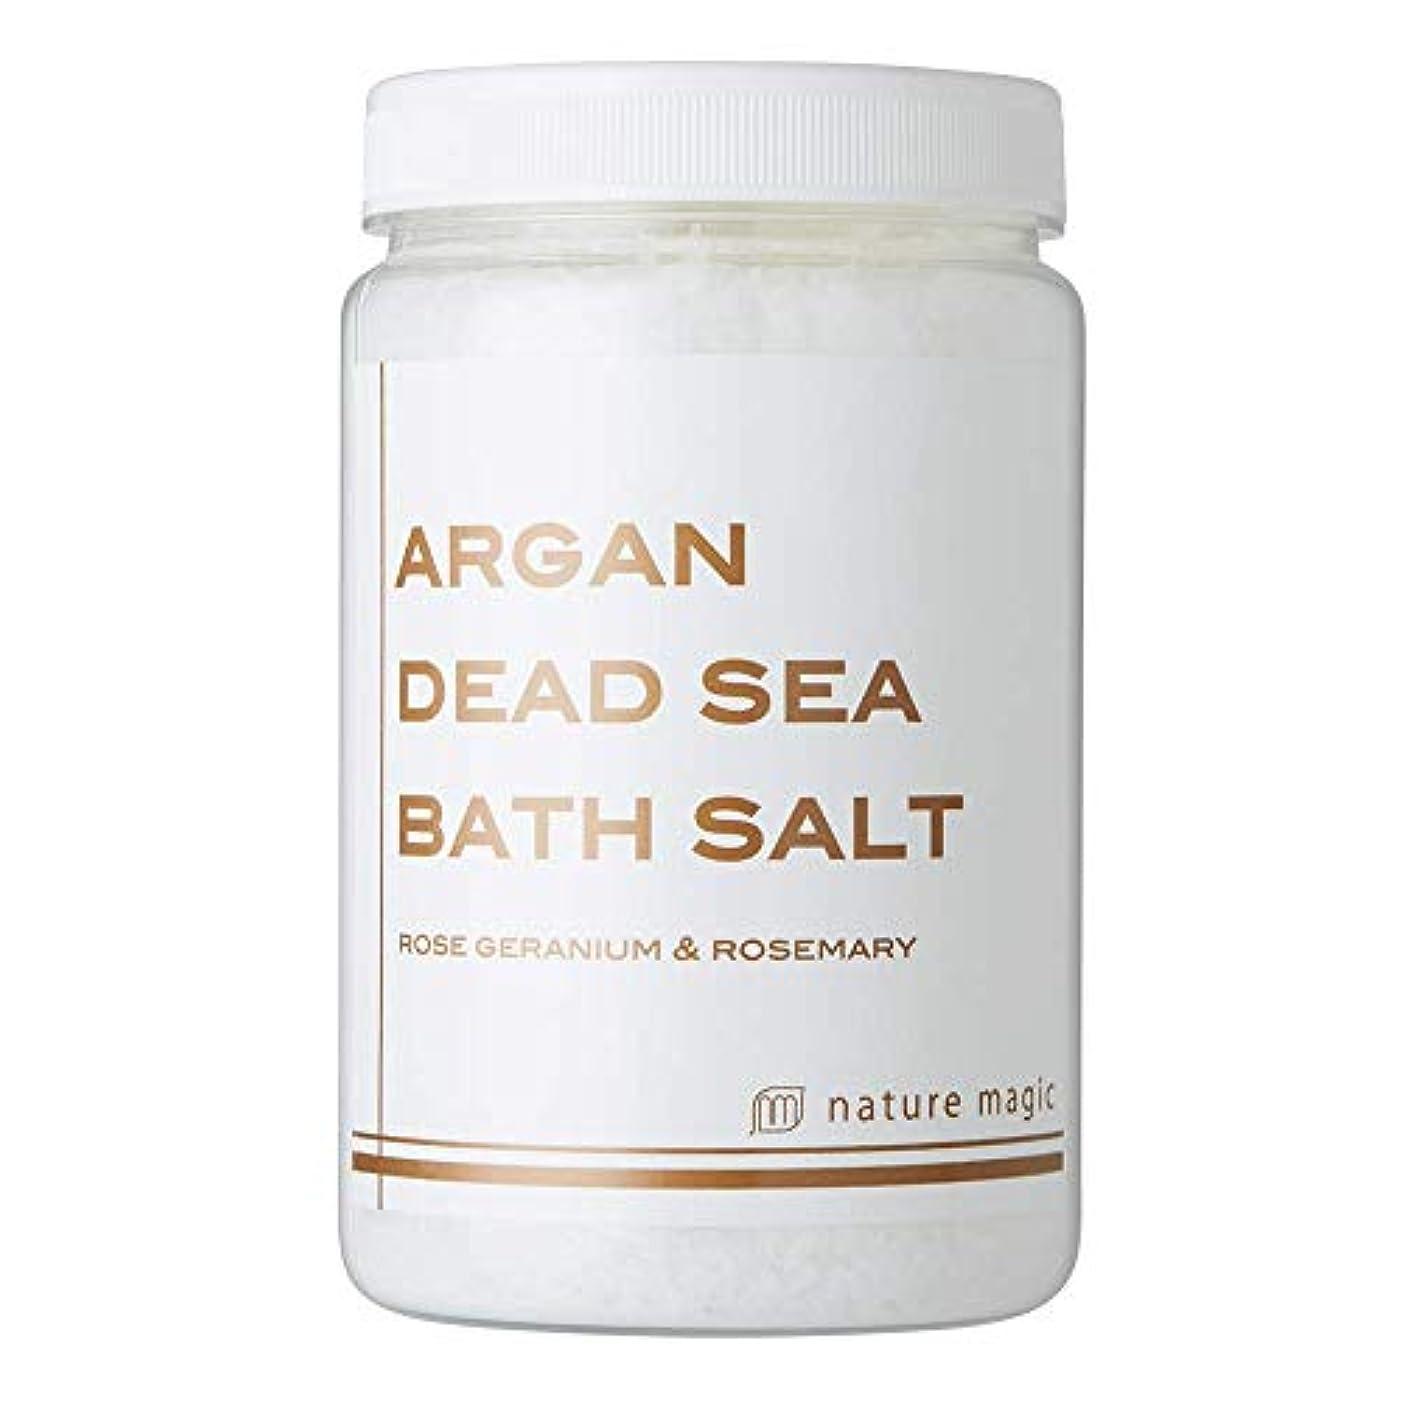 誤洞察力のあるなめらか【死海の天然塩にアルガンオイルを配合した全身ポカポカ、お肌つるつる入浴剤】アルガンデッドシーバスソルト